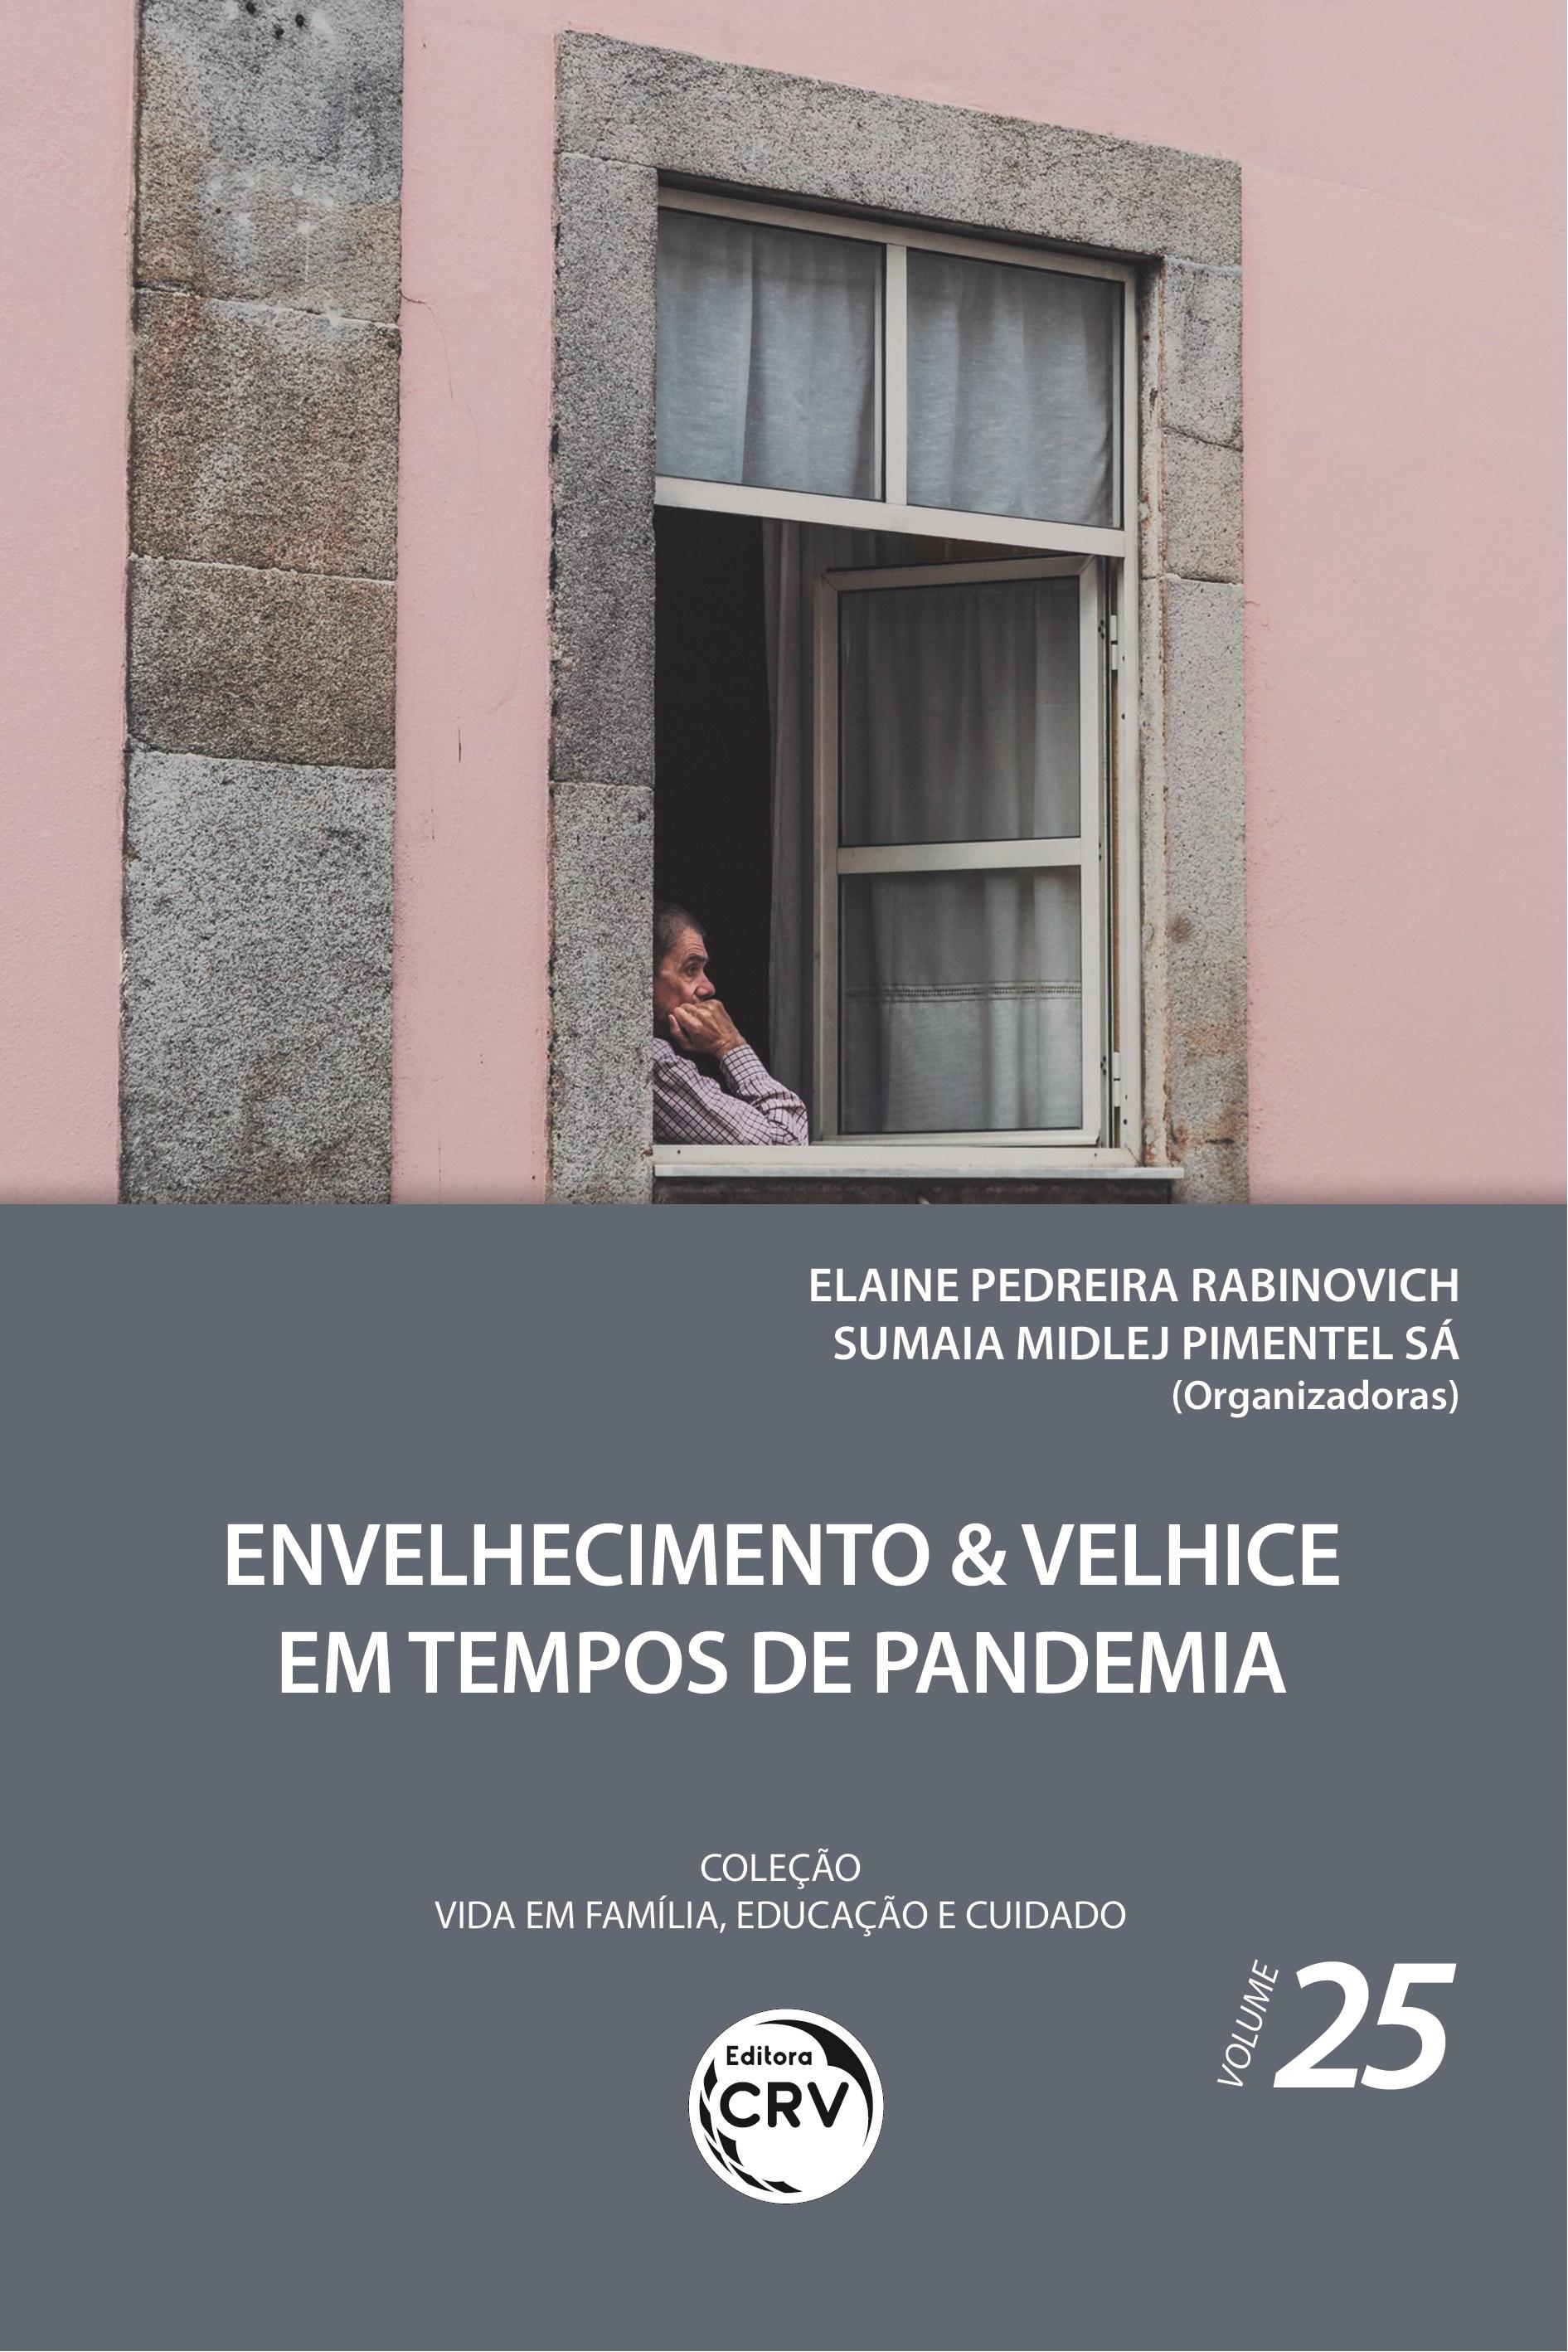 Capa do livro: ENVELHECIMENTO & VELHICE EM TEMPOS DE PANDEMIA <br>Coleção Vida em Família, Educação e Cuidado - Volume 25